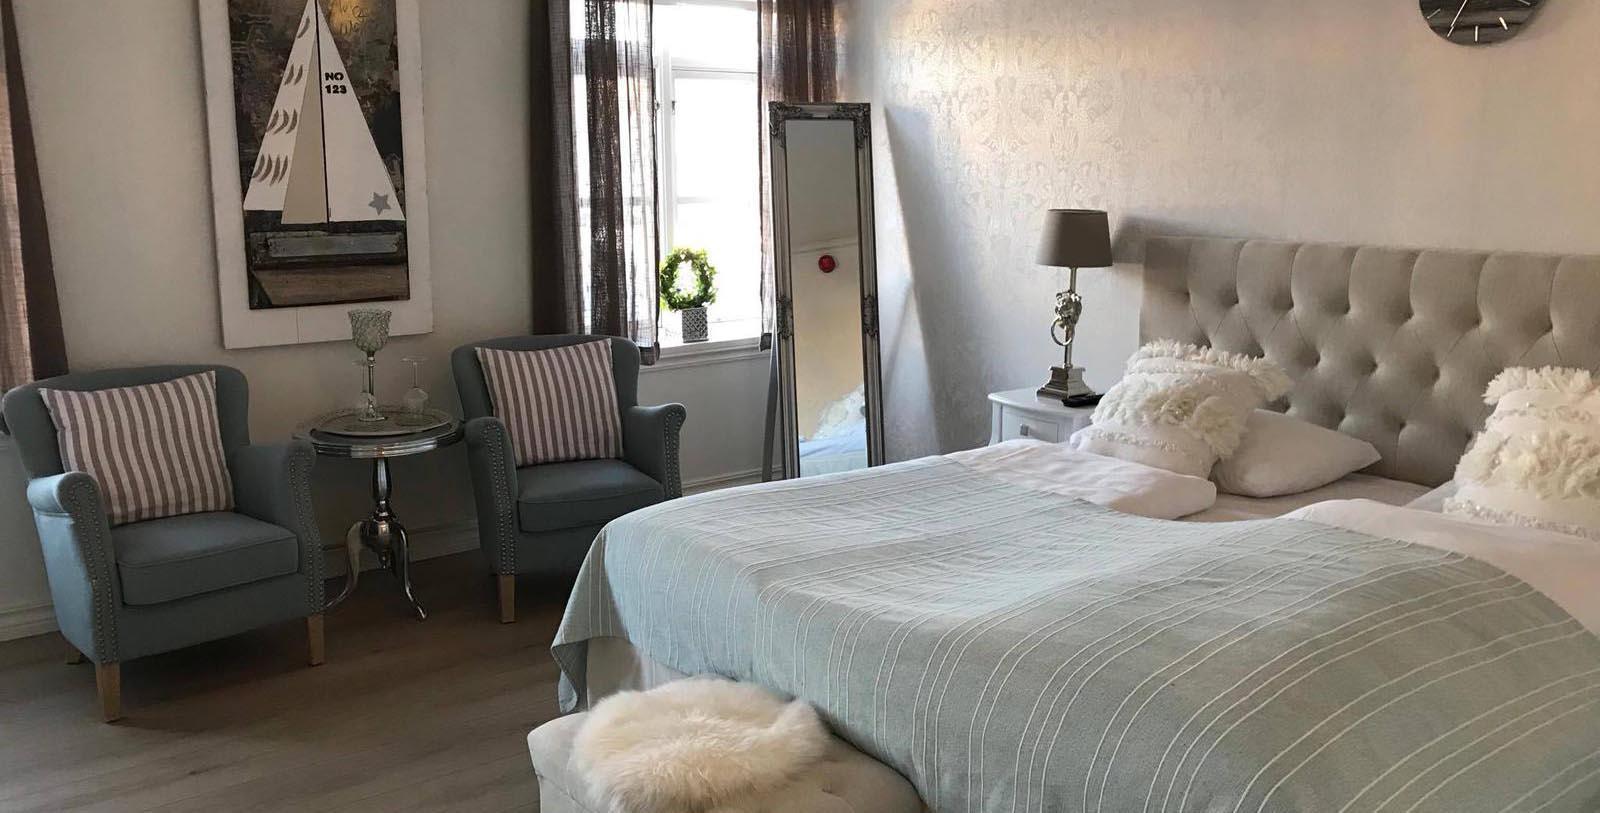 Image of guestroom Bekkjarvik Gjestgiveri, 1700s, Member of Historic Hotels Worldwide, in Norway, Explore